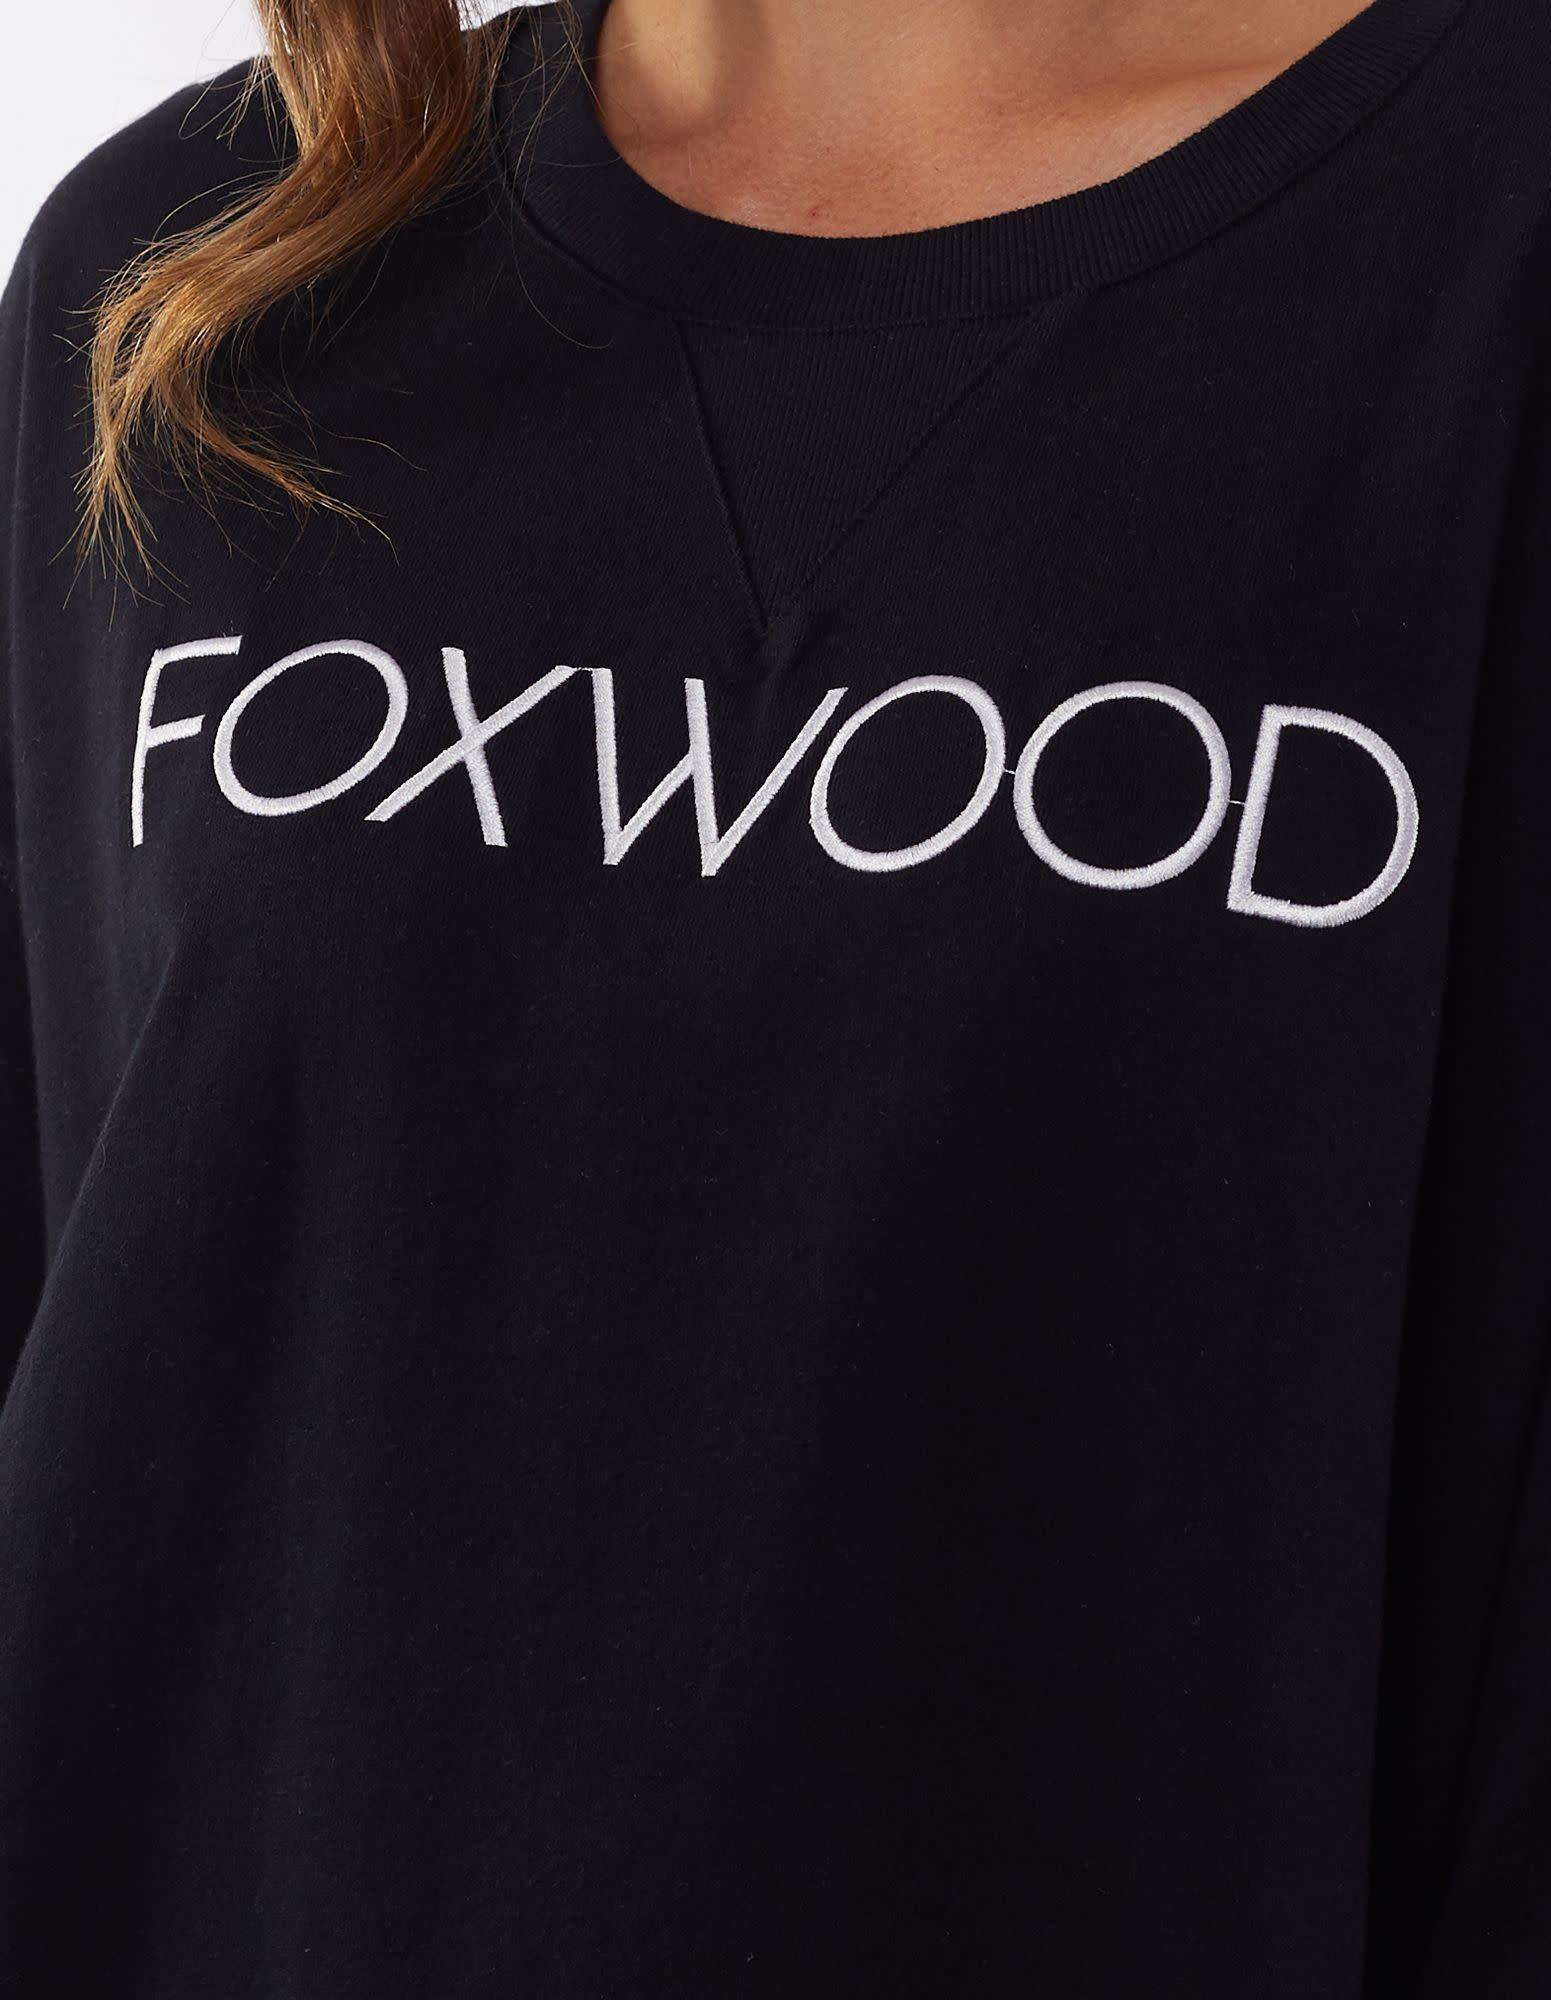 Foxwood Simplified Crew